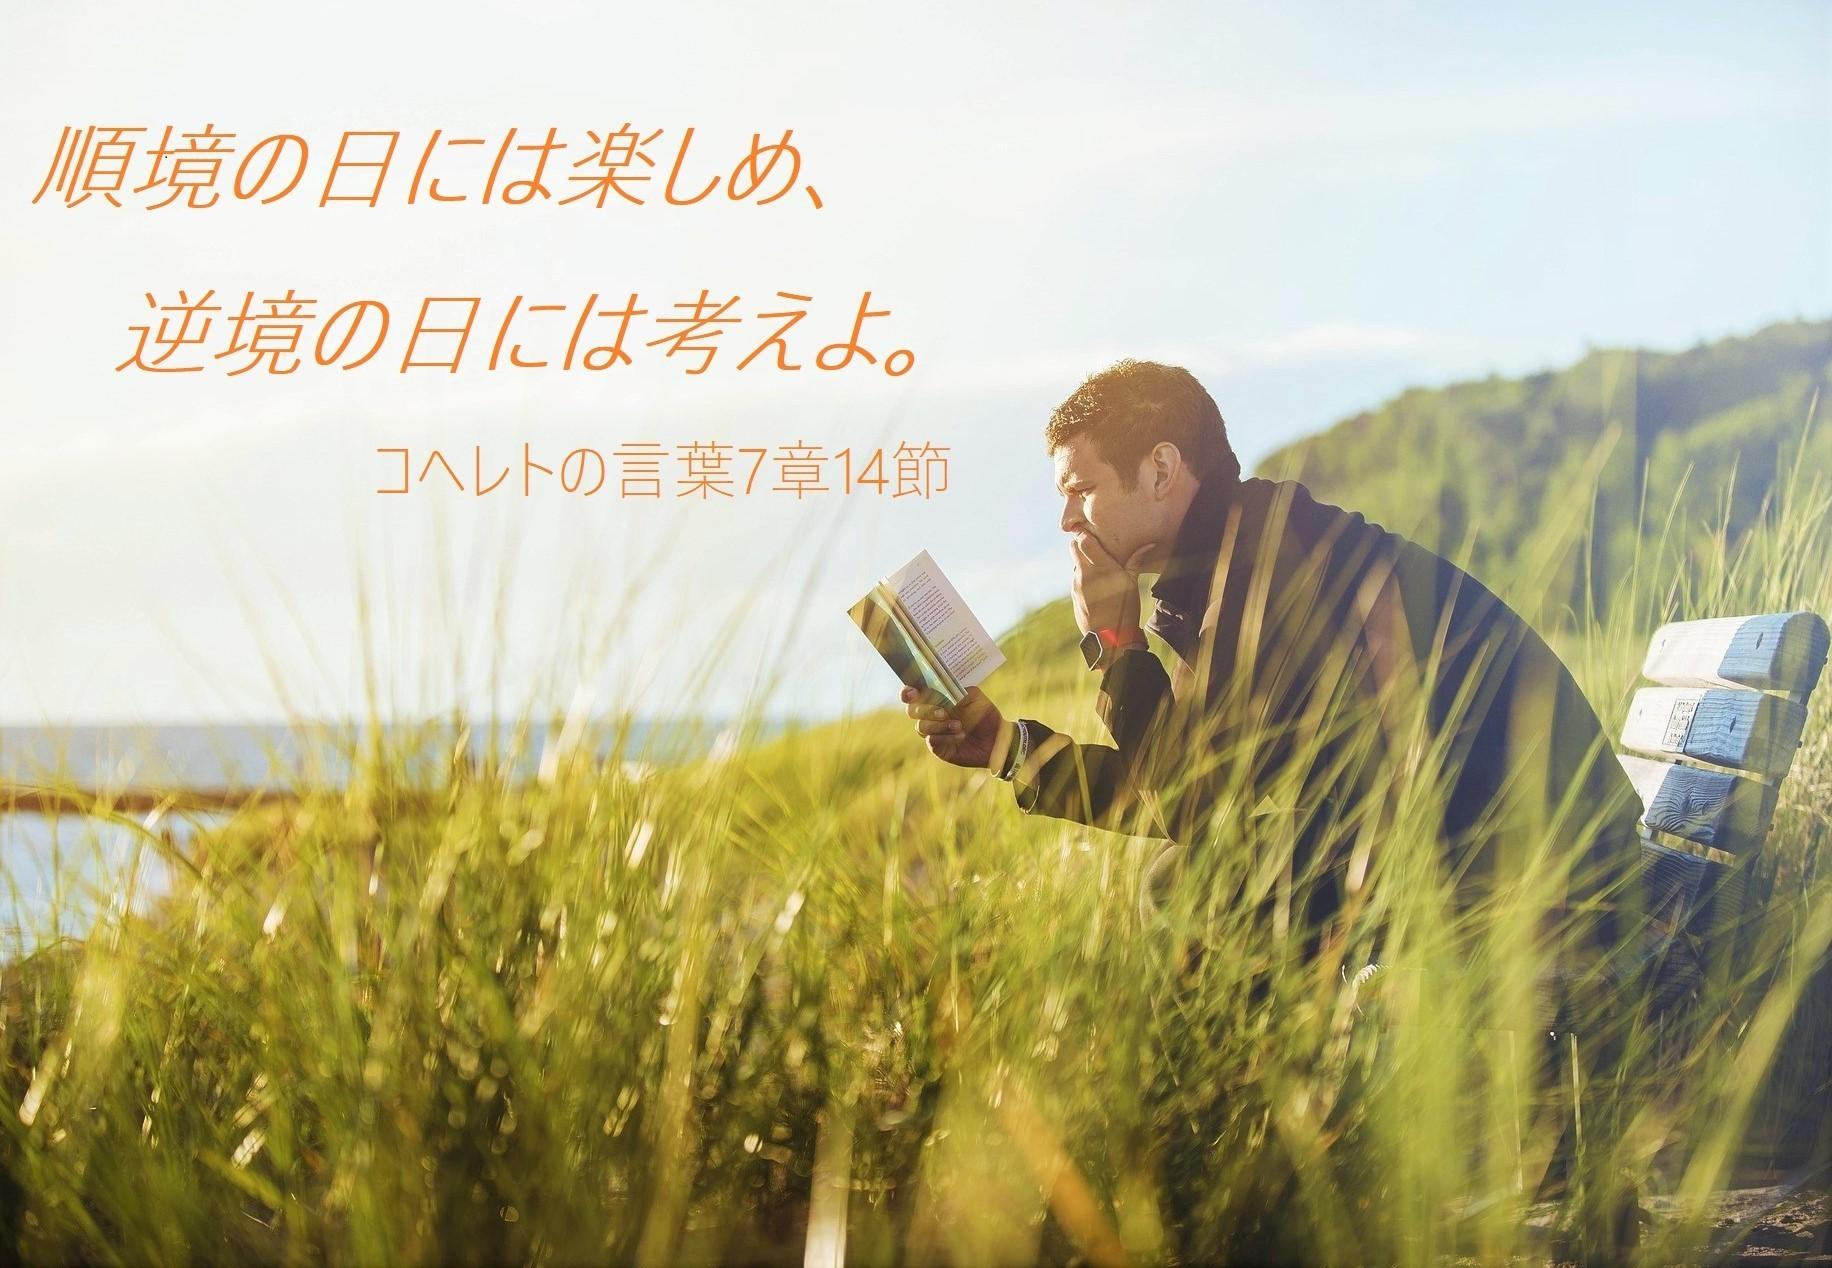 順境の日には楽しめ、逆境の日には考えよ: 日本キリスト教団 会津若松 ...